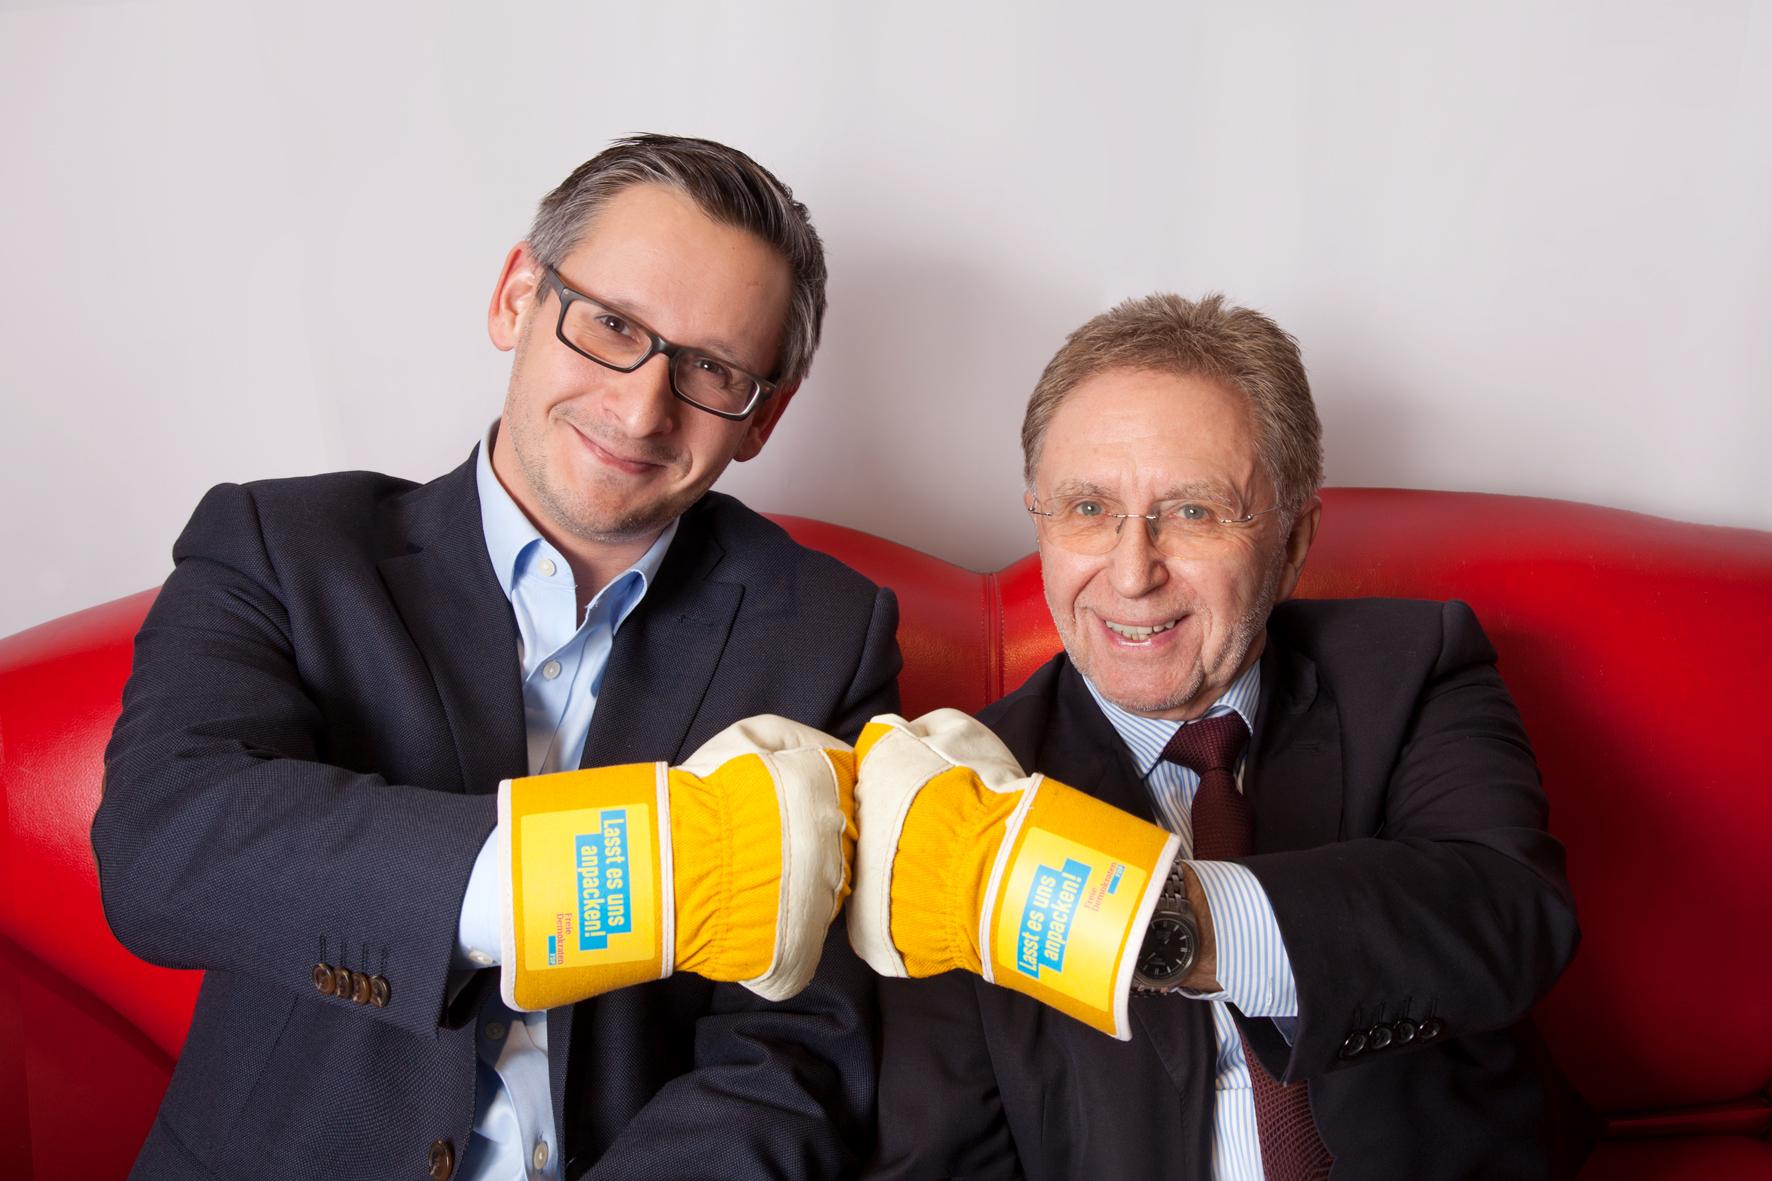 PD Dr. Peter Büttner (Vorsitzender des FDP Ortsverbandes Schlüchtern-Sinntal) und sein Stellvertreter, Patrick Ommert.